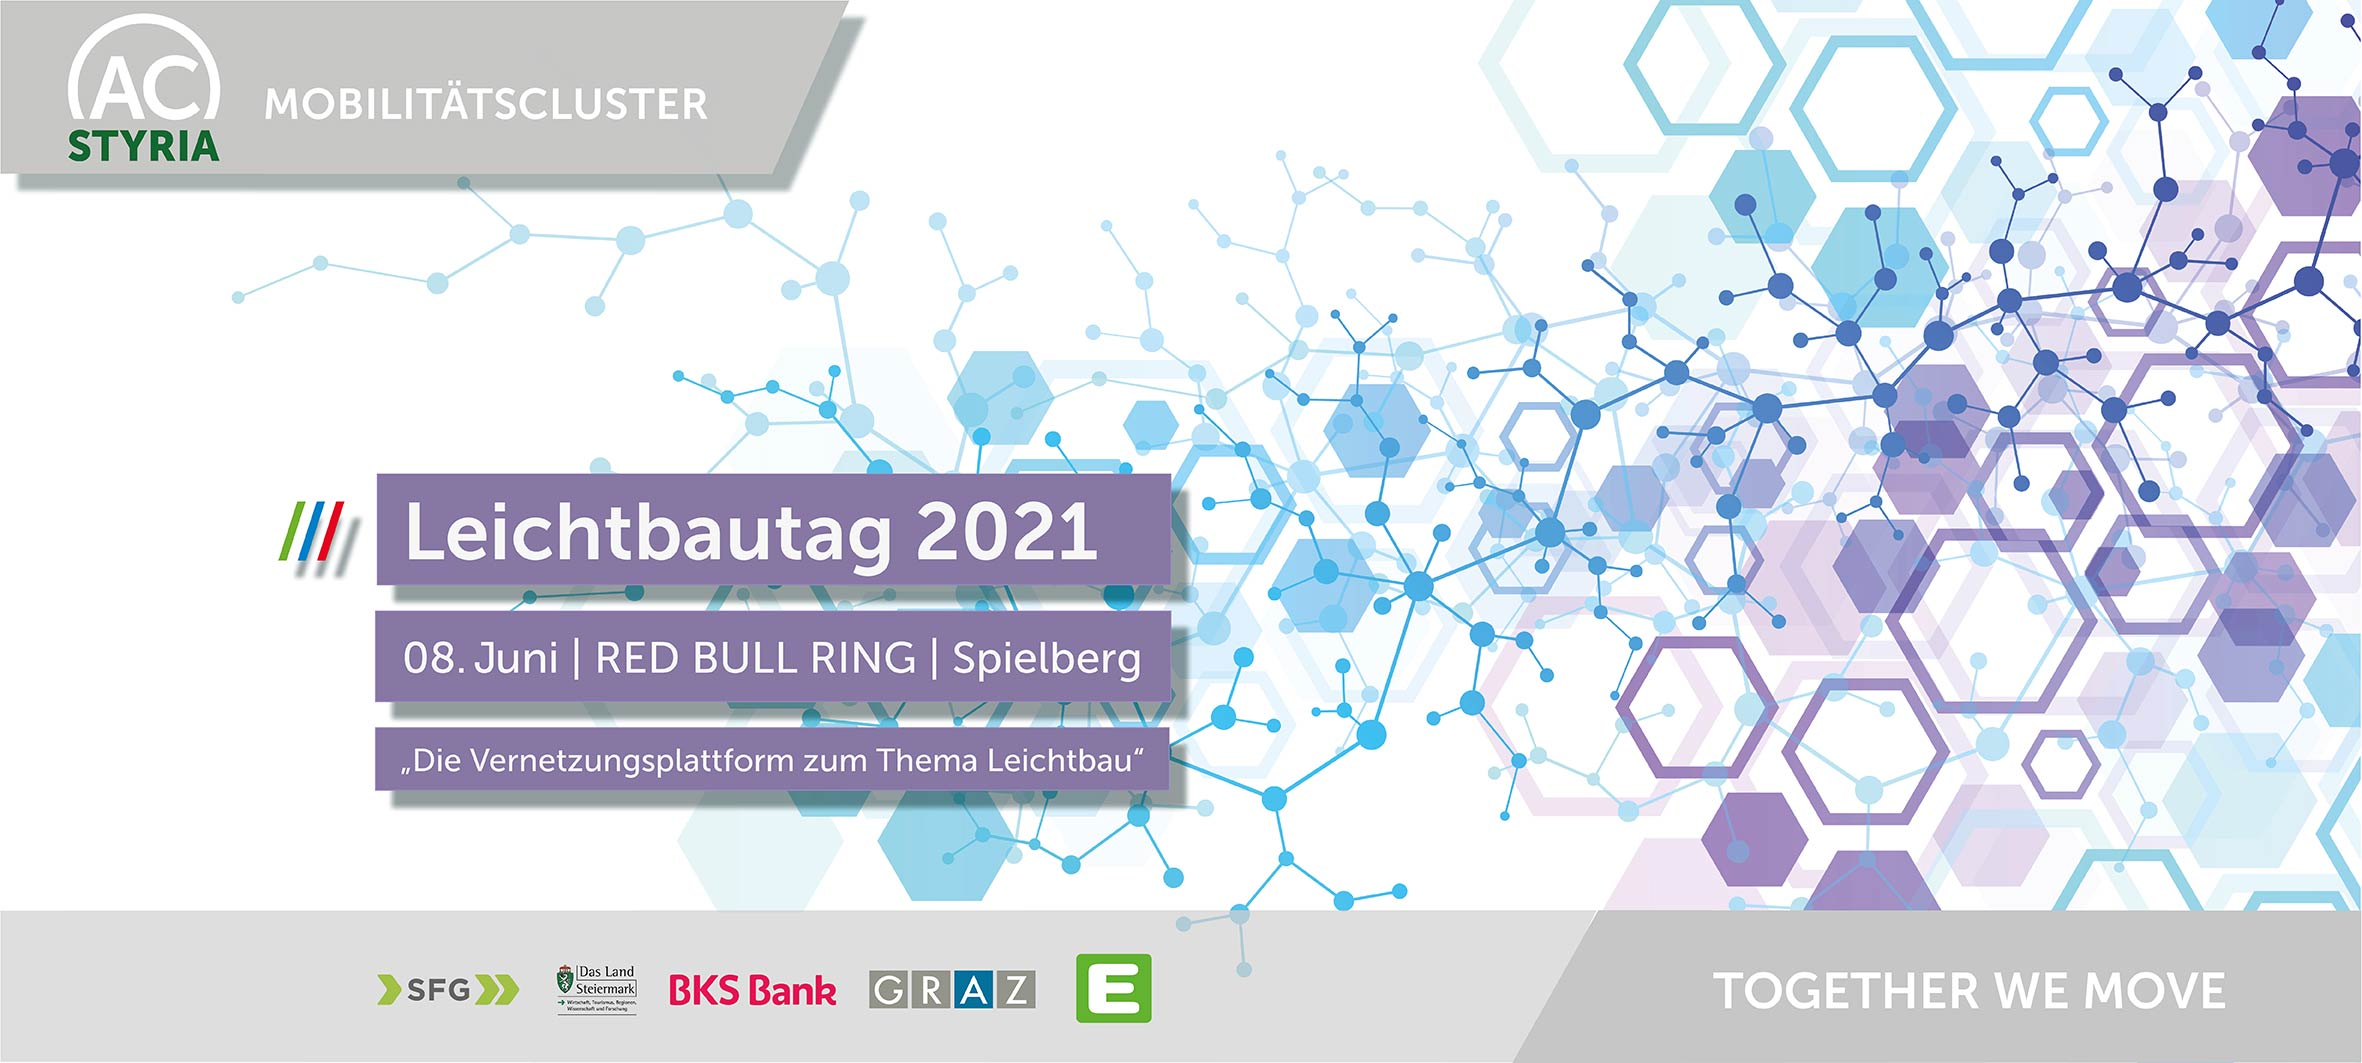 ACstyria Leichtbautag 2021